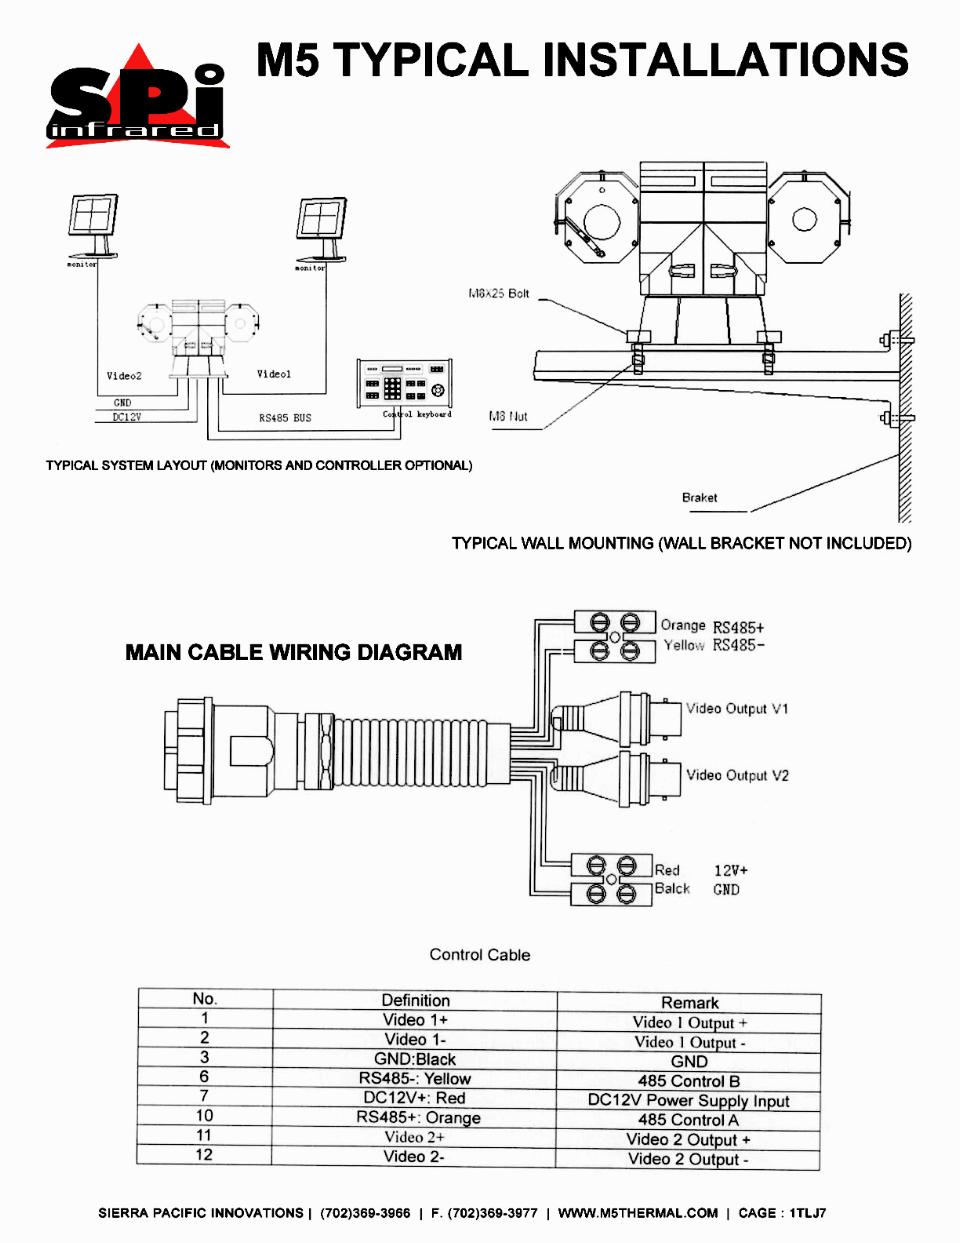 Sensormatic Ptz Camera Wiring Diagram Diagrams Controller Accessories Setup Settings